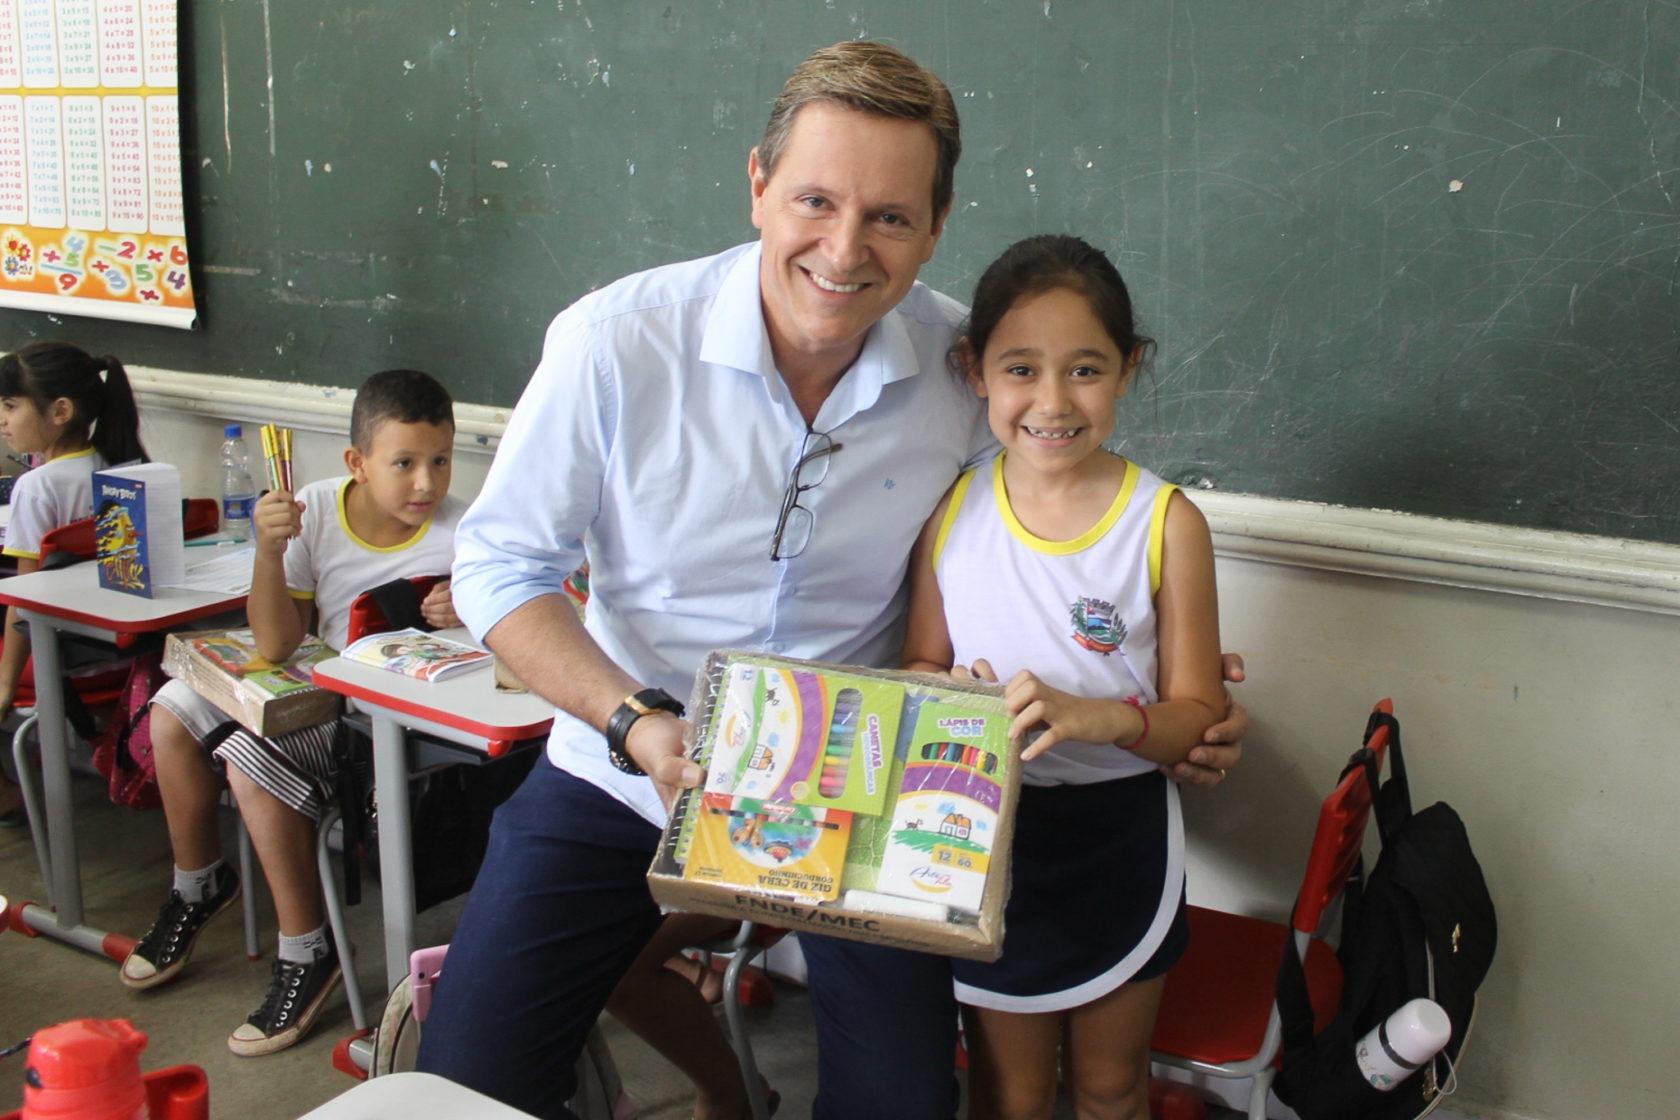 Com recursos próprios, pela primeira vez, alunos da rede municipal de ensino de Itararé (SP) recebem materiais escolares de qualidade e diversificados